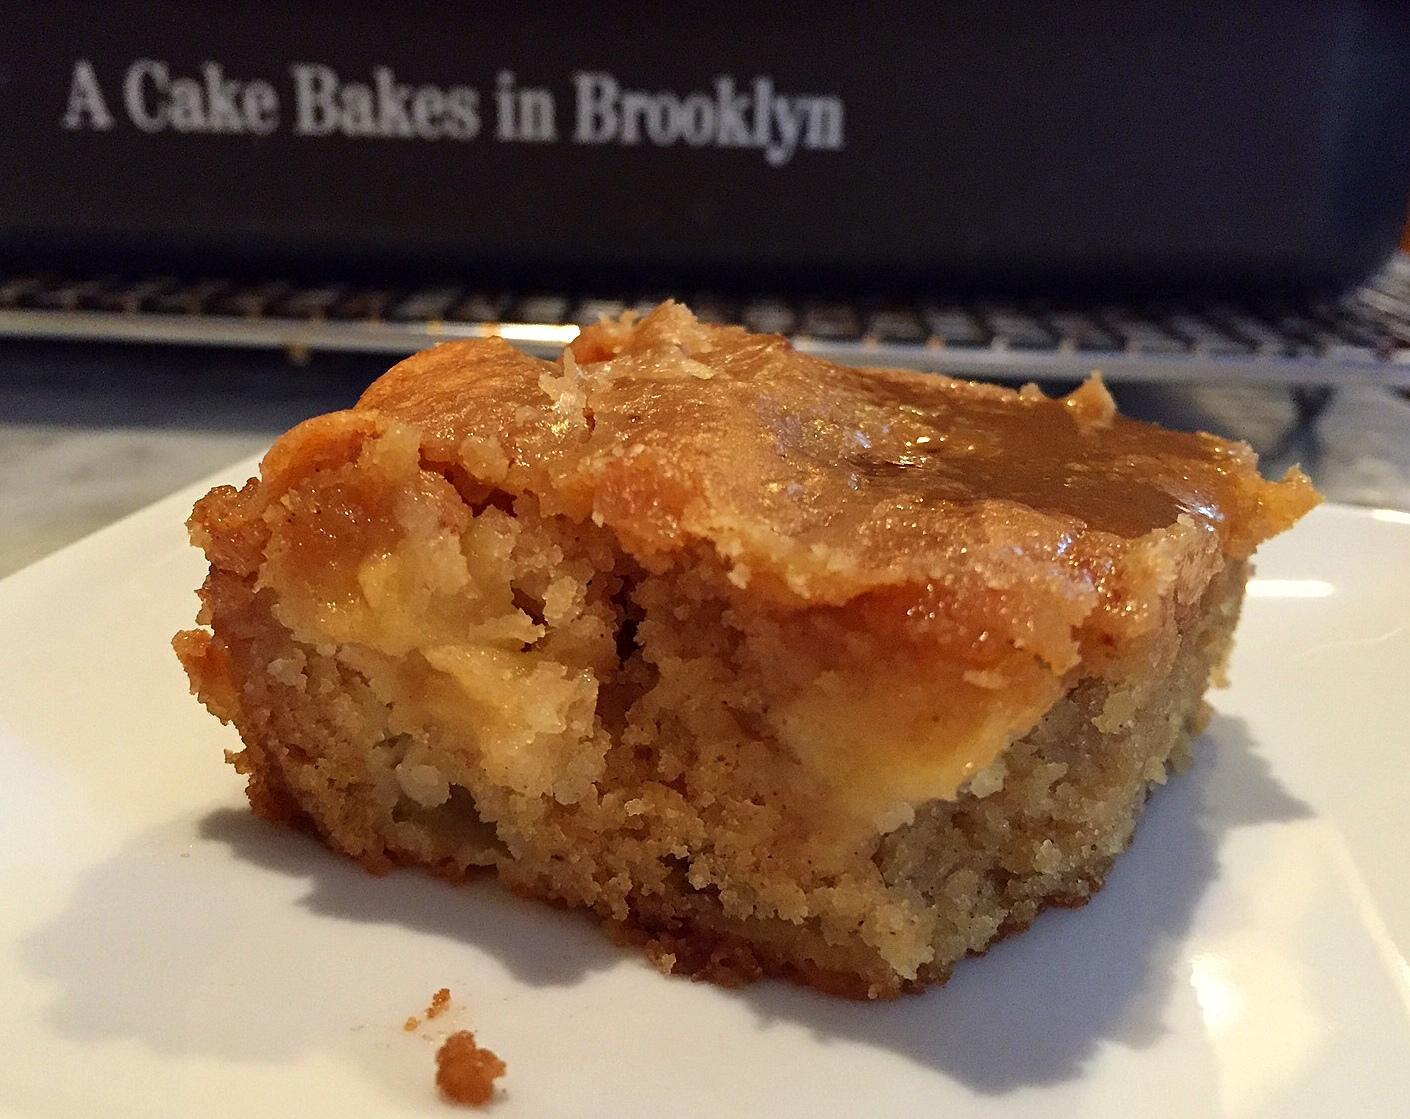 Cake Bakes in Brooklyn: Apple Dapple (aka Fresh Apple Cake)